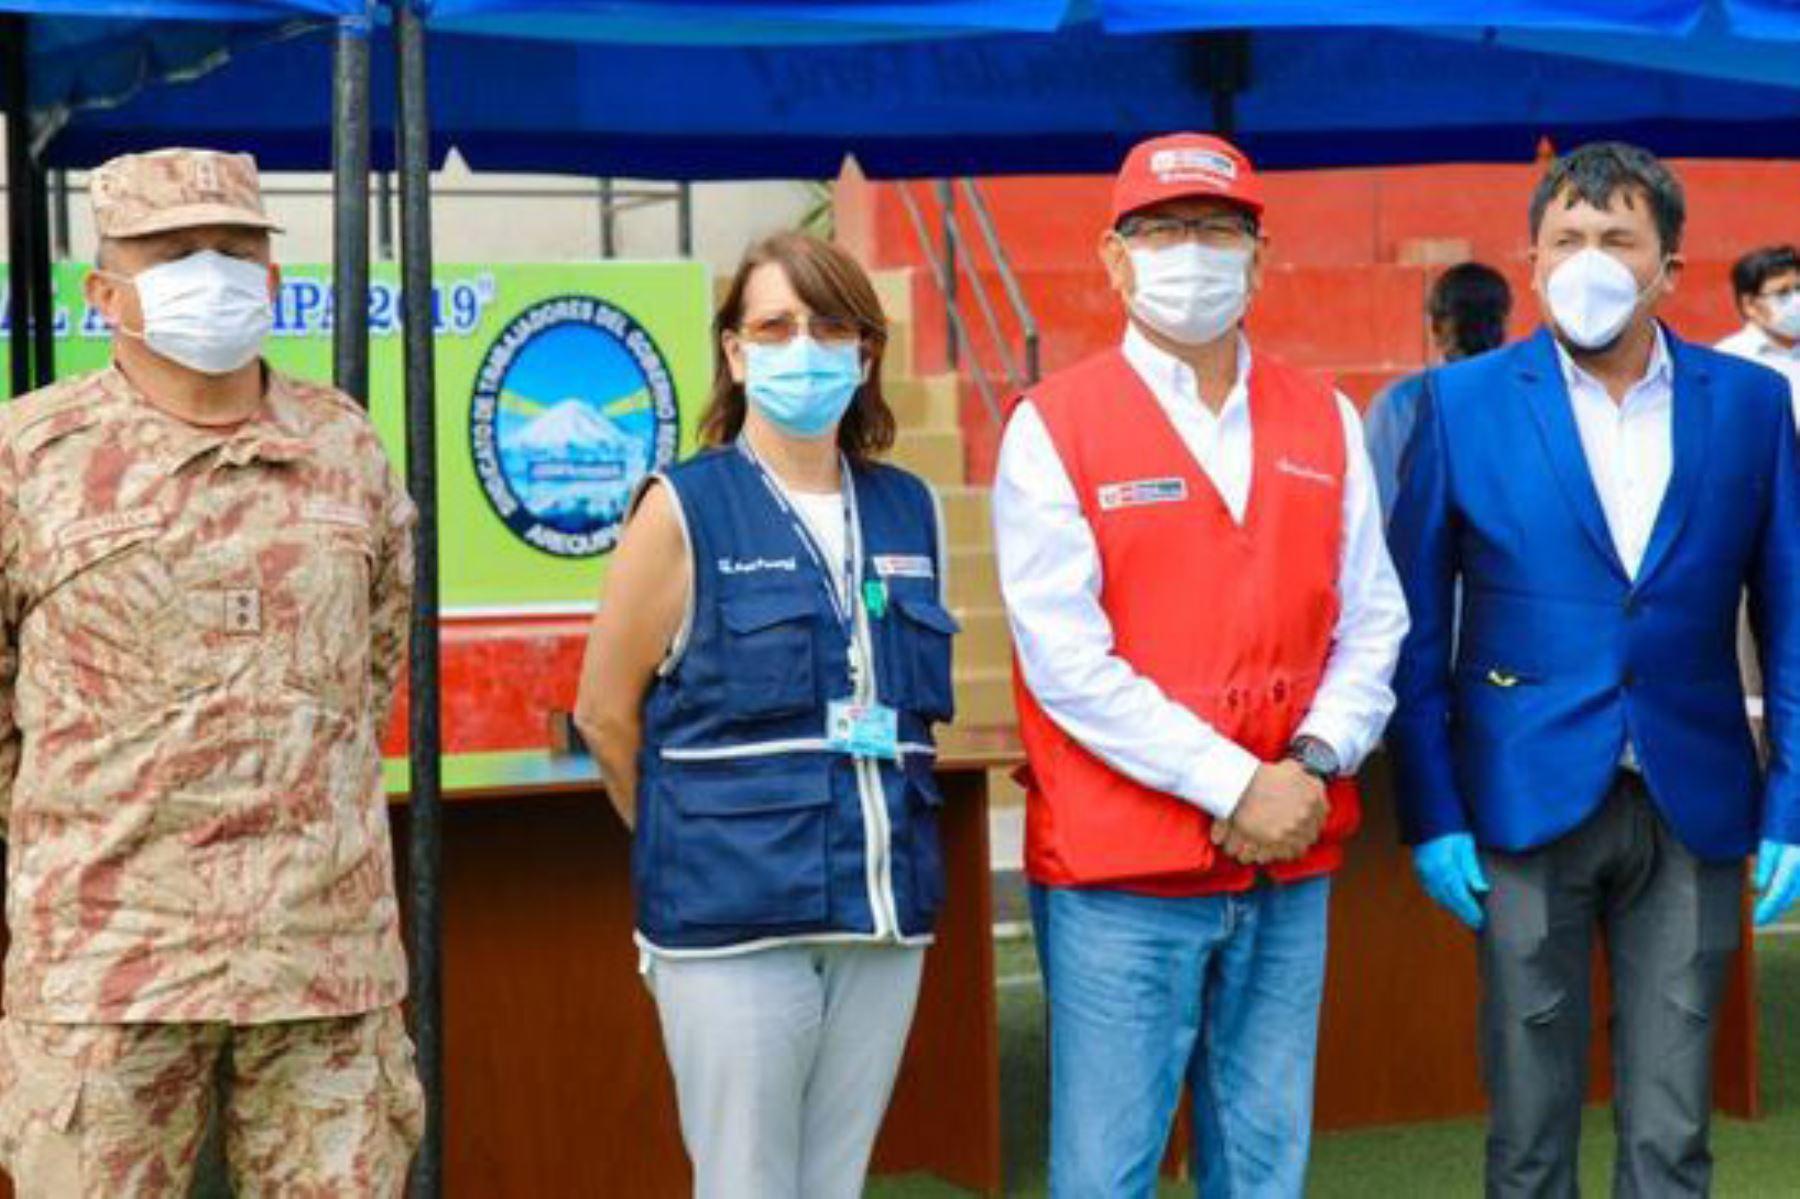 La jefa del Comando Covid-19, Pilar Mazzetti, viajó a Arequipa para evaluar la situación y proponer acciones frente a pandemia. Foto: ANDINA/Difusión